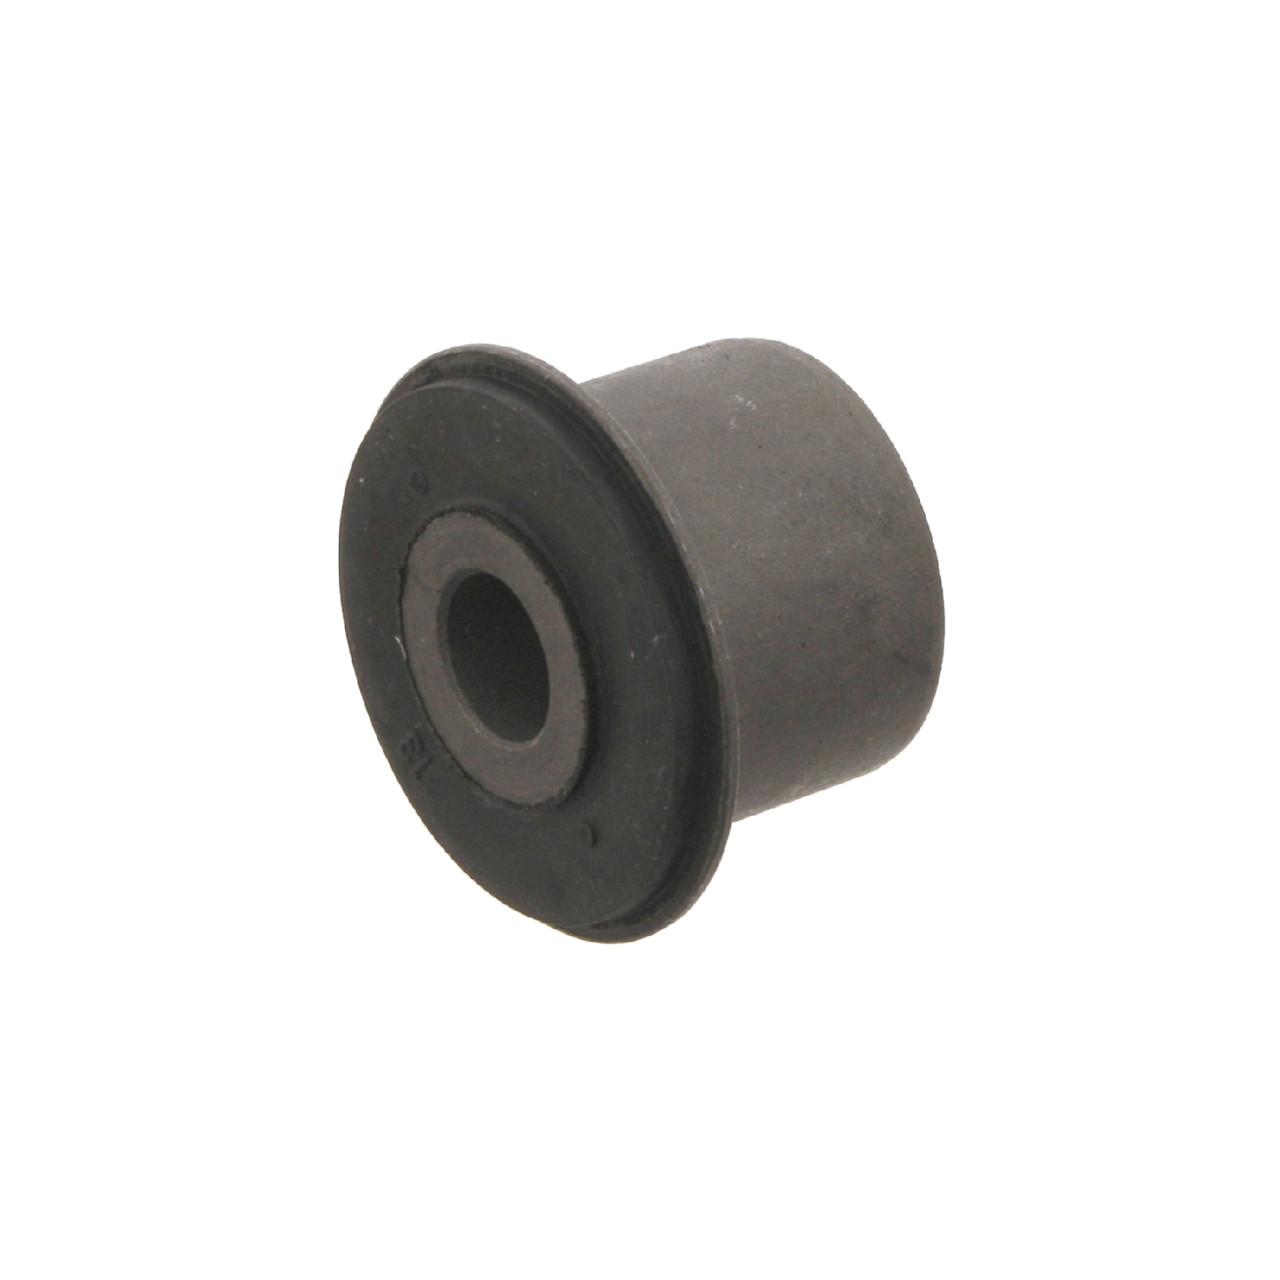 Сайлентблок рычага CITROEN BERLINGO (00-) в переднего рычага, передн. (производство Febi) (арт. 19009)qttr